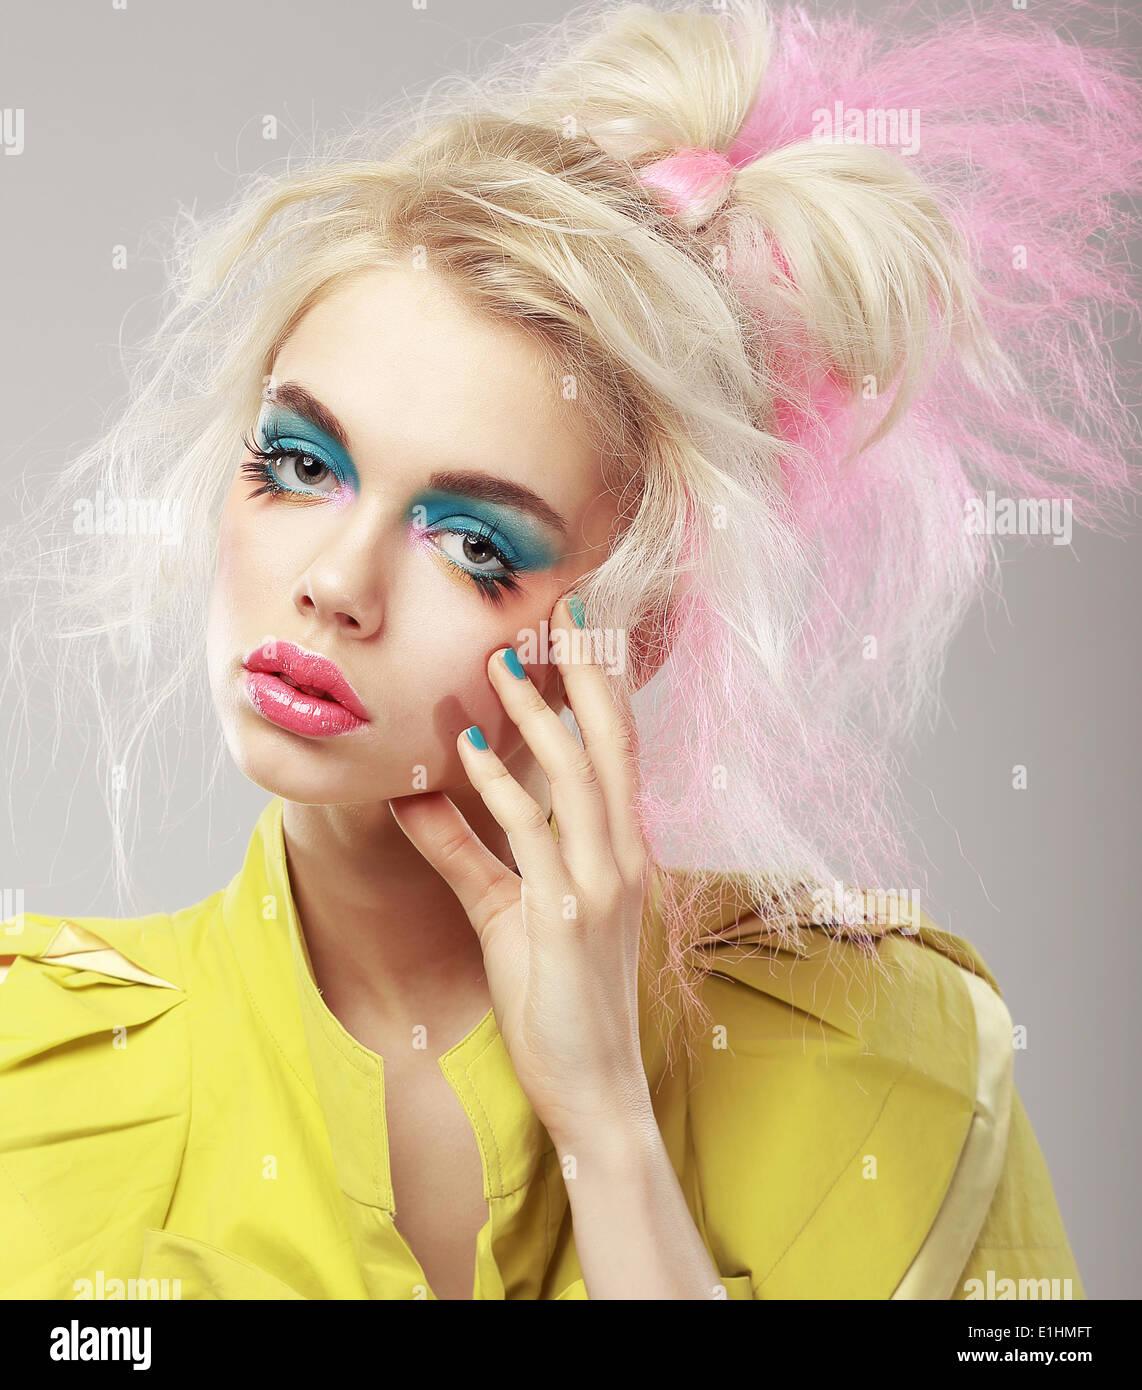 Portrait de cheveux blonds lumineux avec Shaggy bleu et le maquillage des yeux. Glam Photo Stock